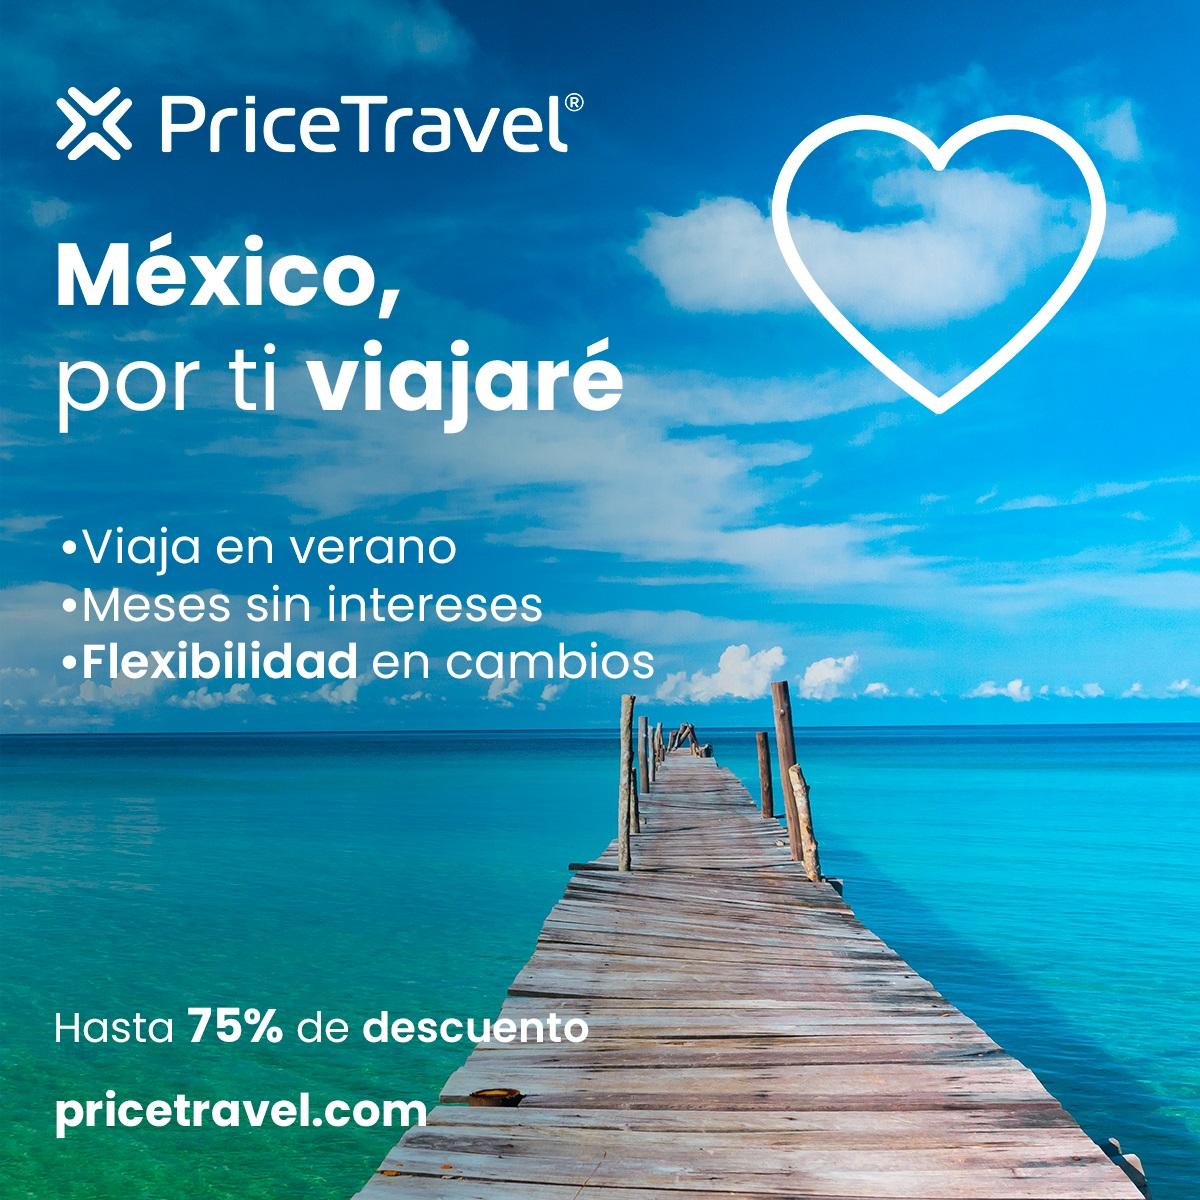 Vacaciones de verano en las playas de México: recupera la dosis de vitamina D